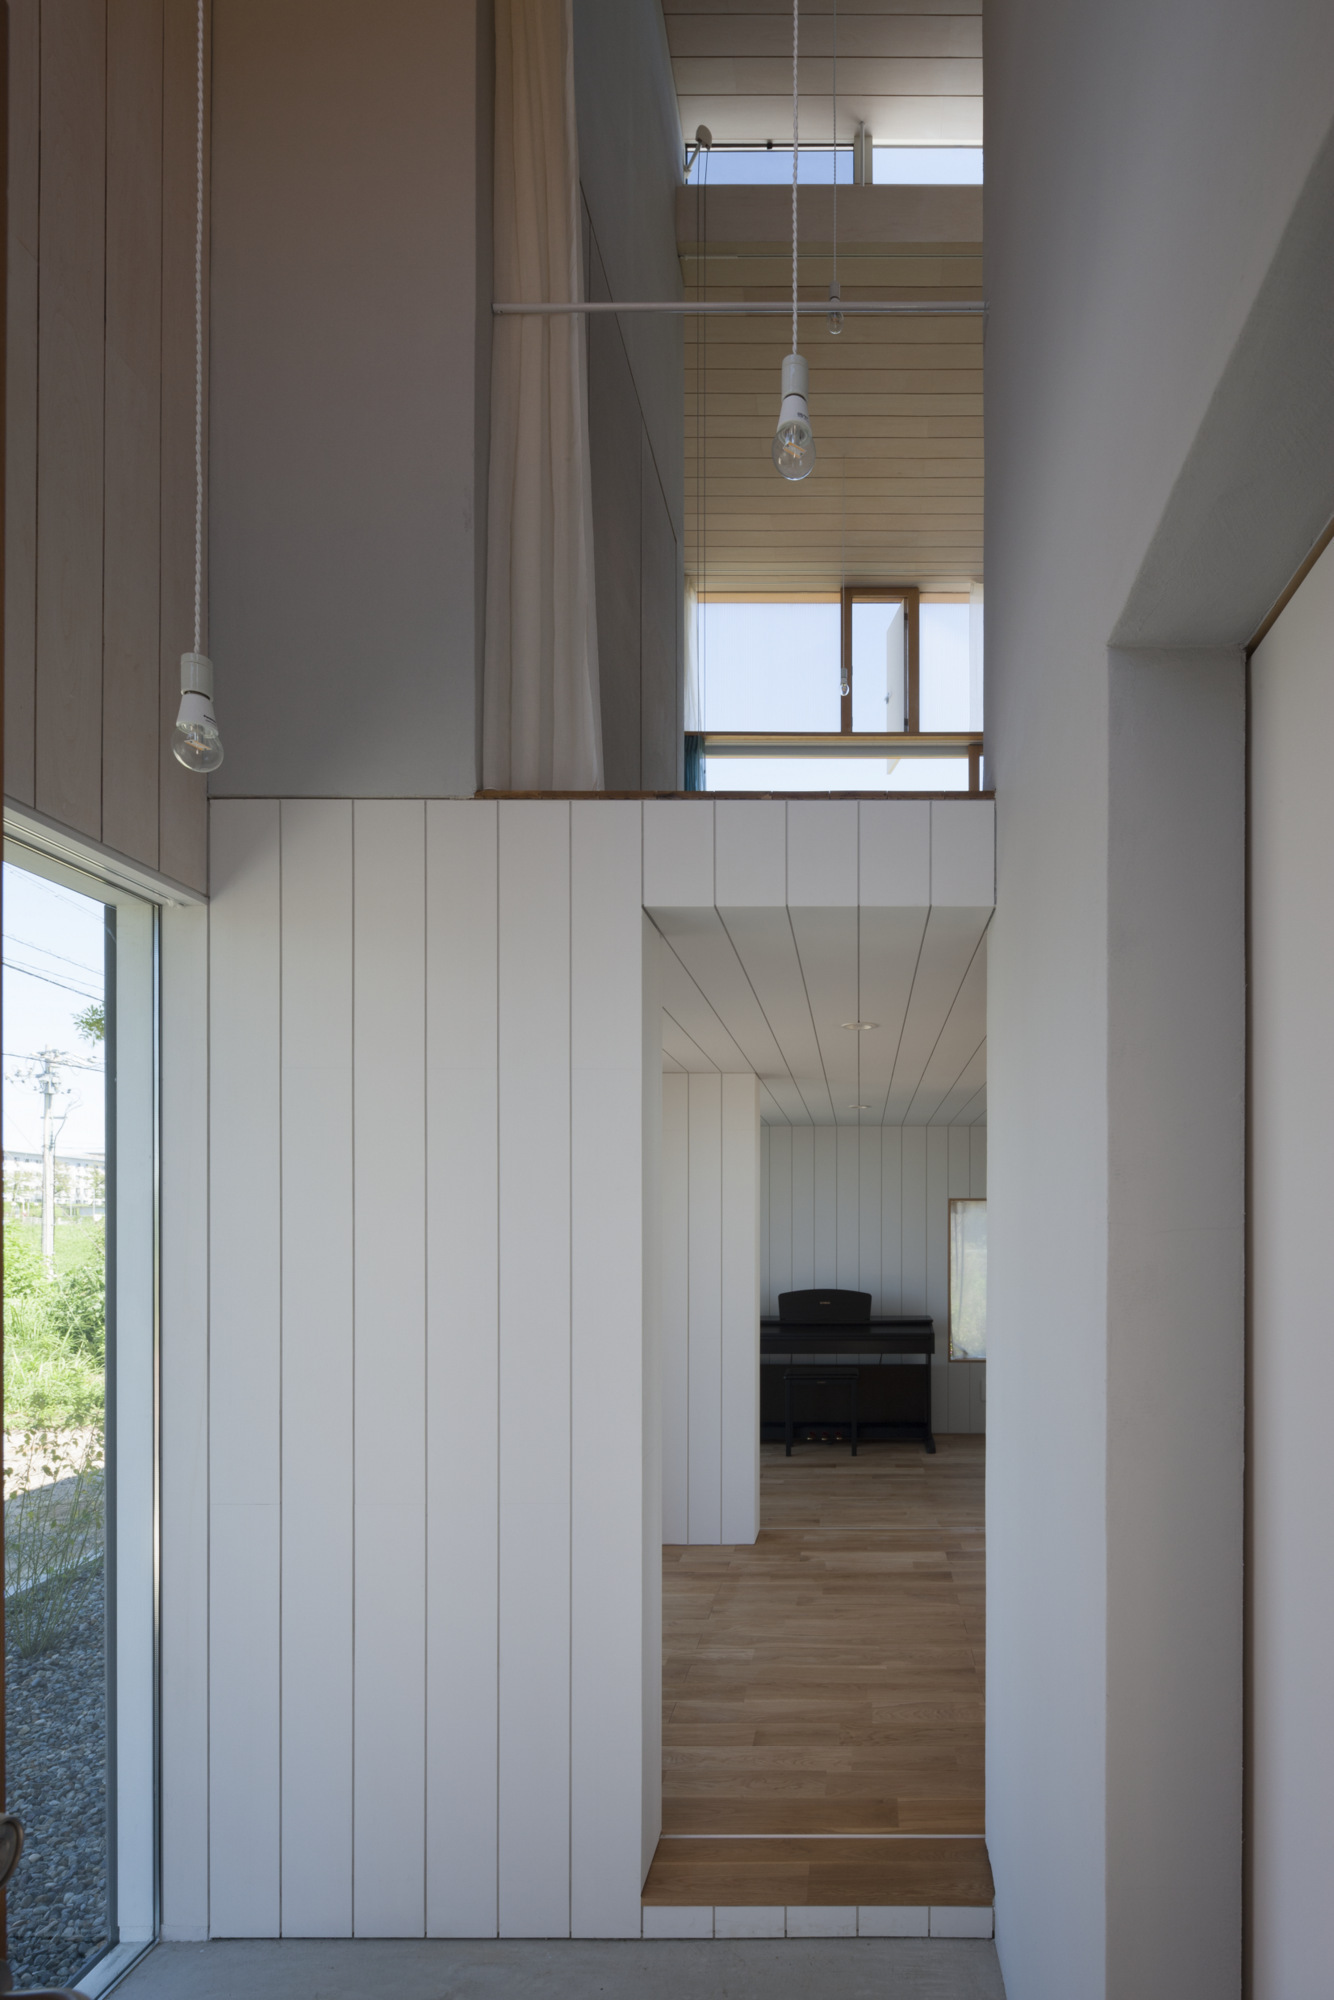 House Passage of Landscape / Ihrmk (8)